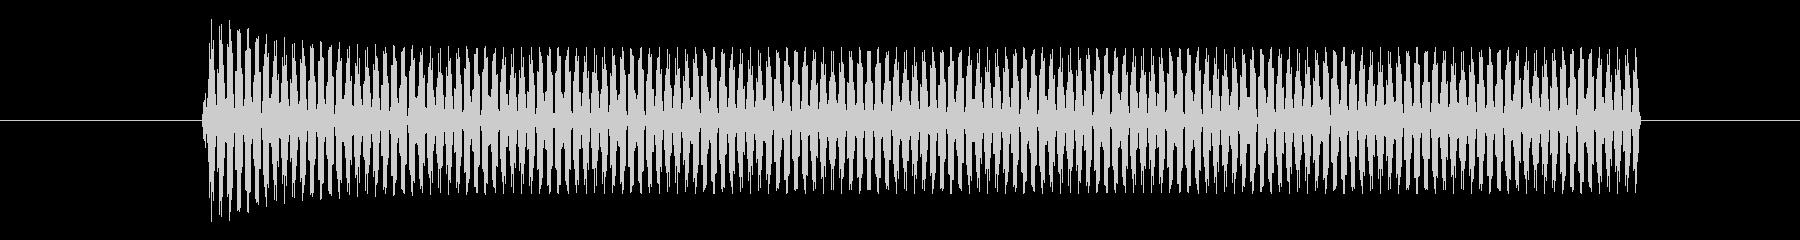 電話4の未再生の波形